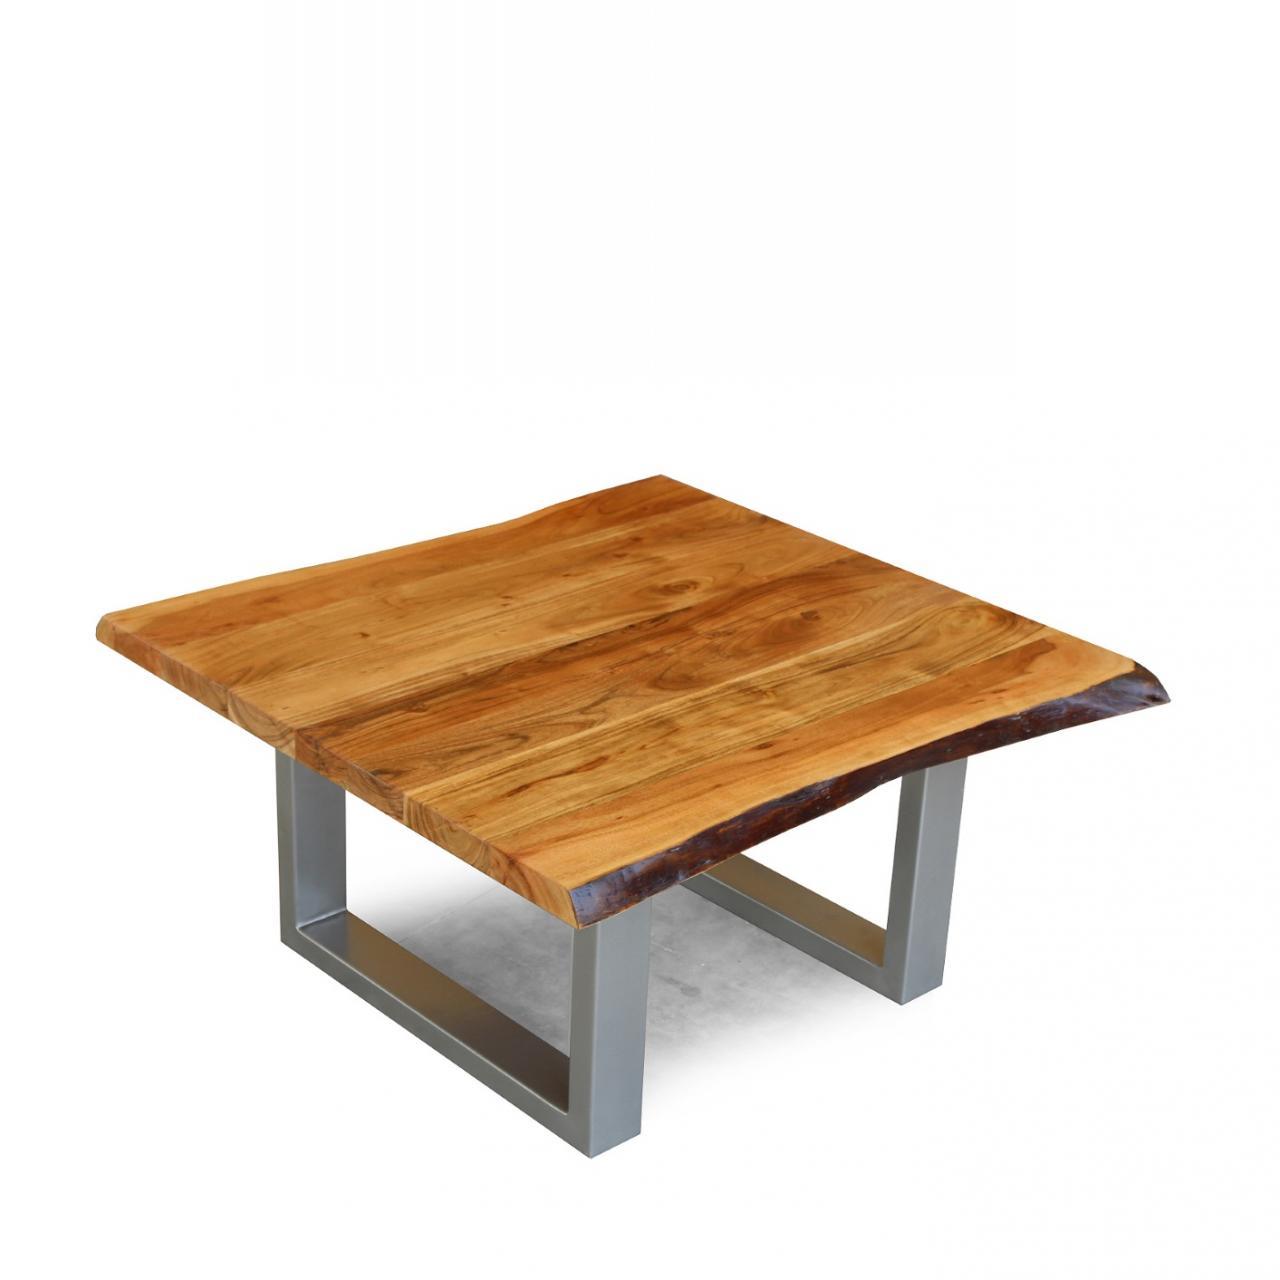 Couchtisch TI-40 Baumkante Eisen Akazie Massiv U-form Stubentisch Tisch